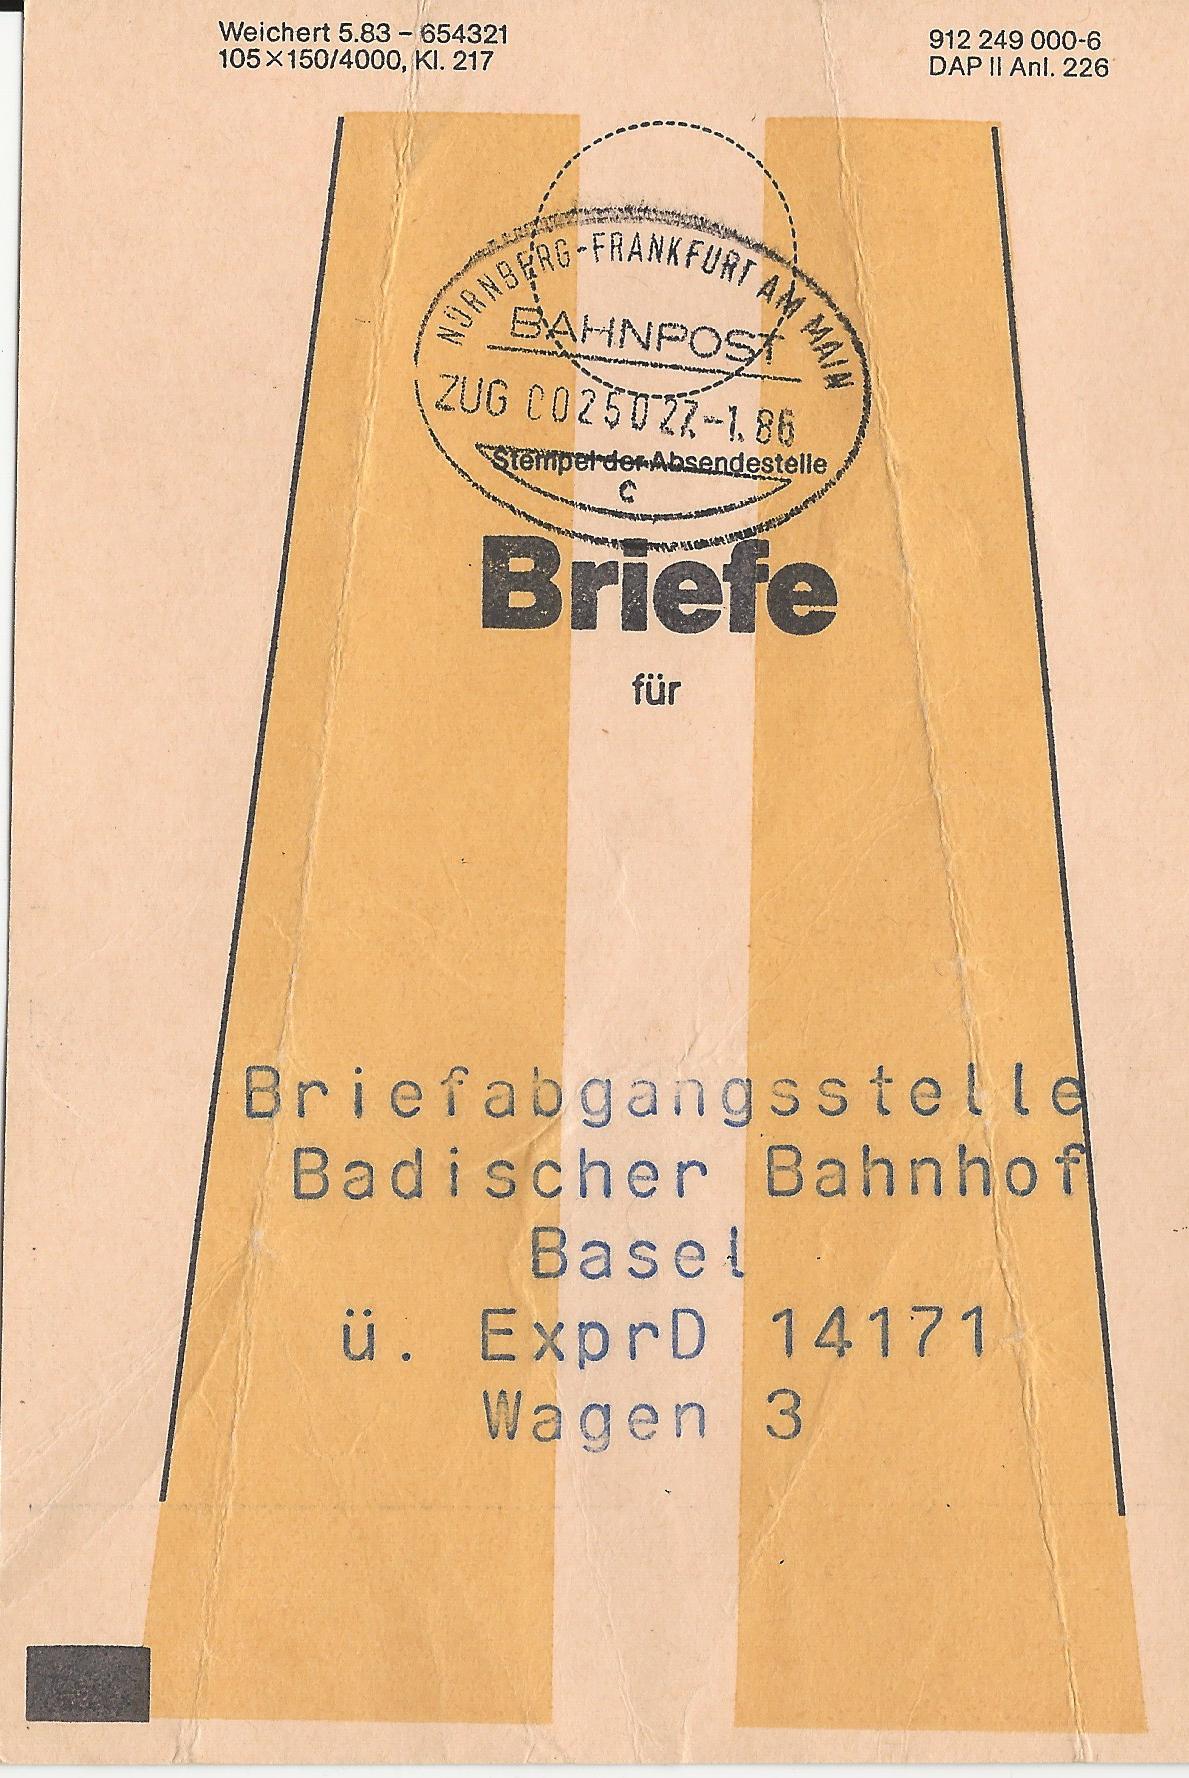 Nürnberg Bahnpost Frankfurt // Bahnpost 1985 Briefmarken